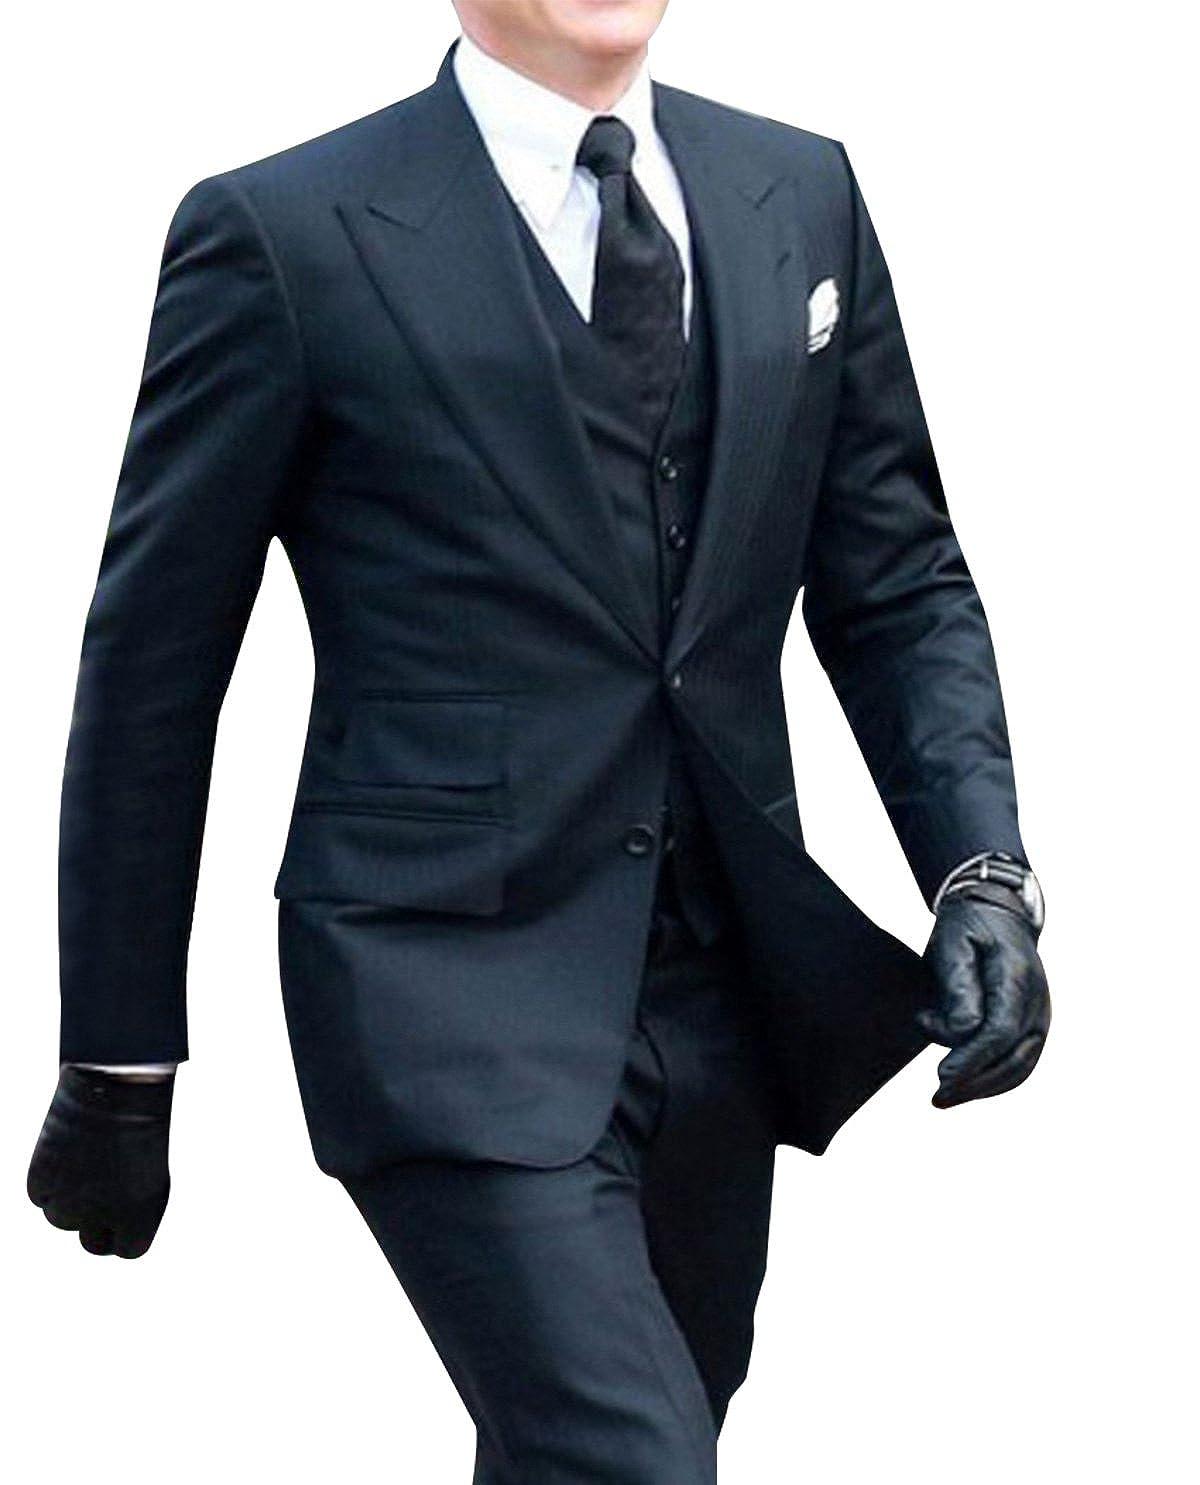 Nmfashions James Bond Spectre Daniel Craig Black Suit At